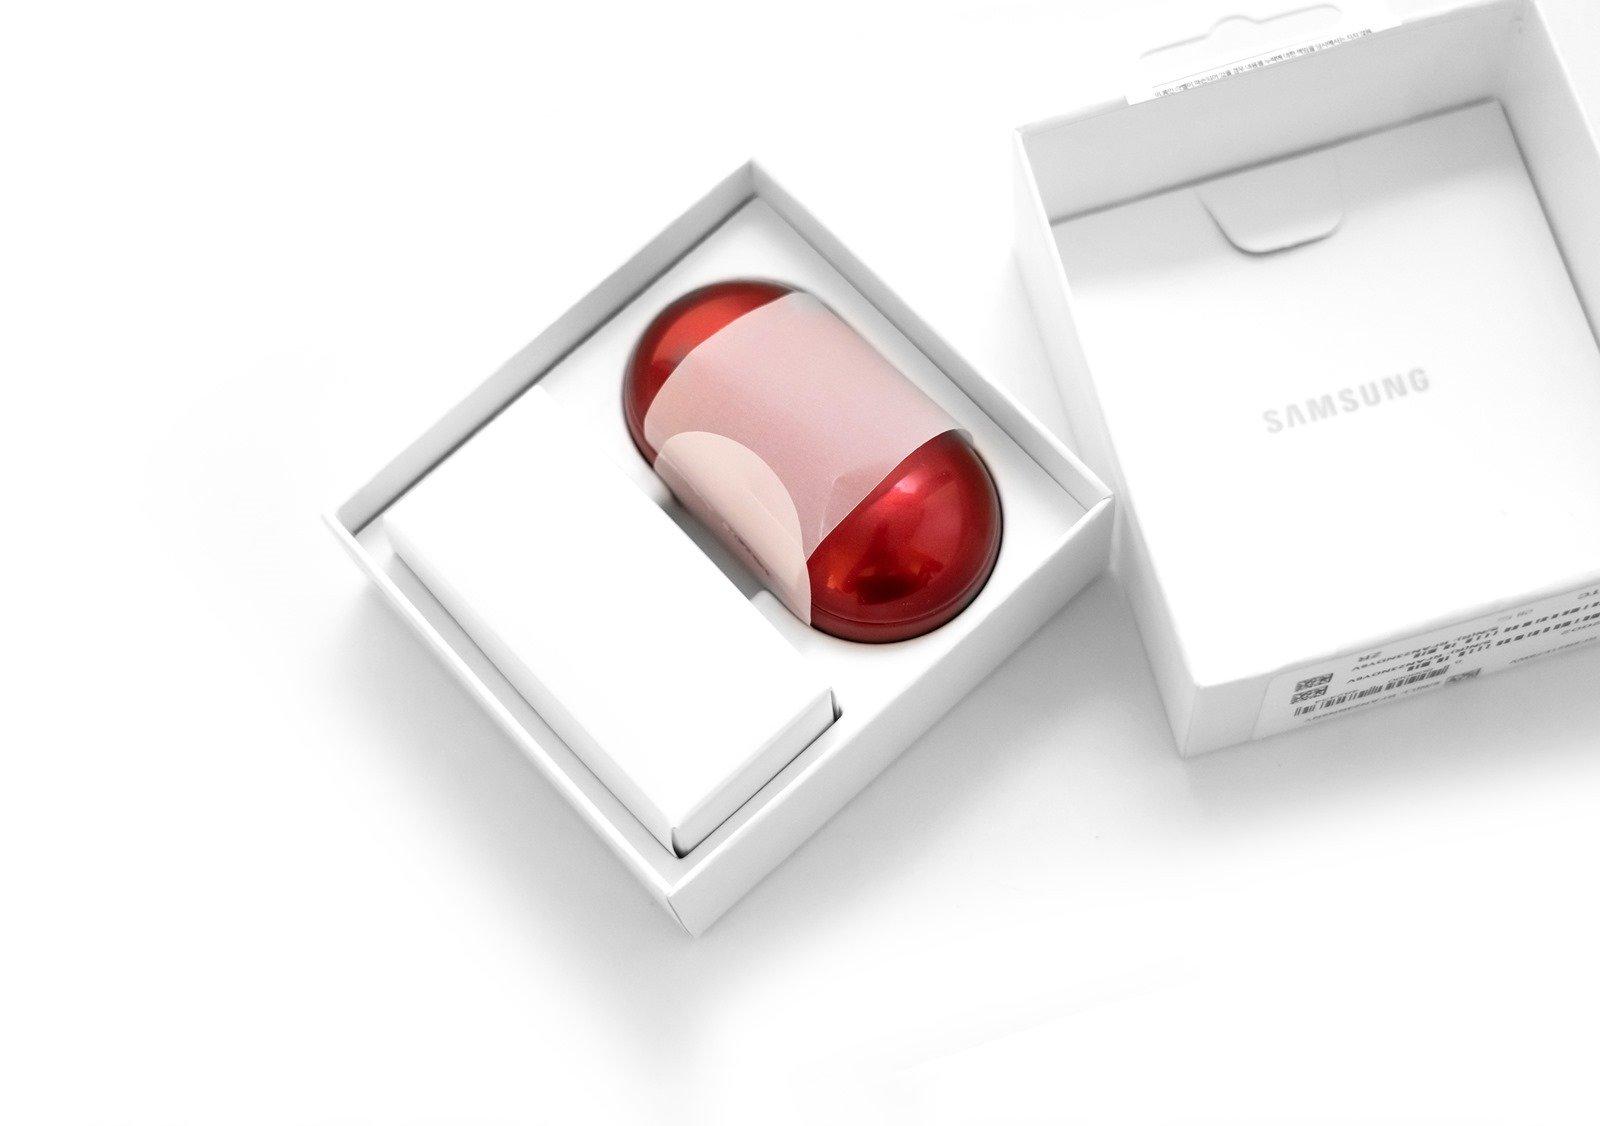 更強更好聽 Samsung Galaxy Buds+ 真無線耳機!台灣沒賣的『Jennie 紅』版本開箱分享 @3C 達人廖阿輝